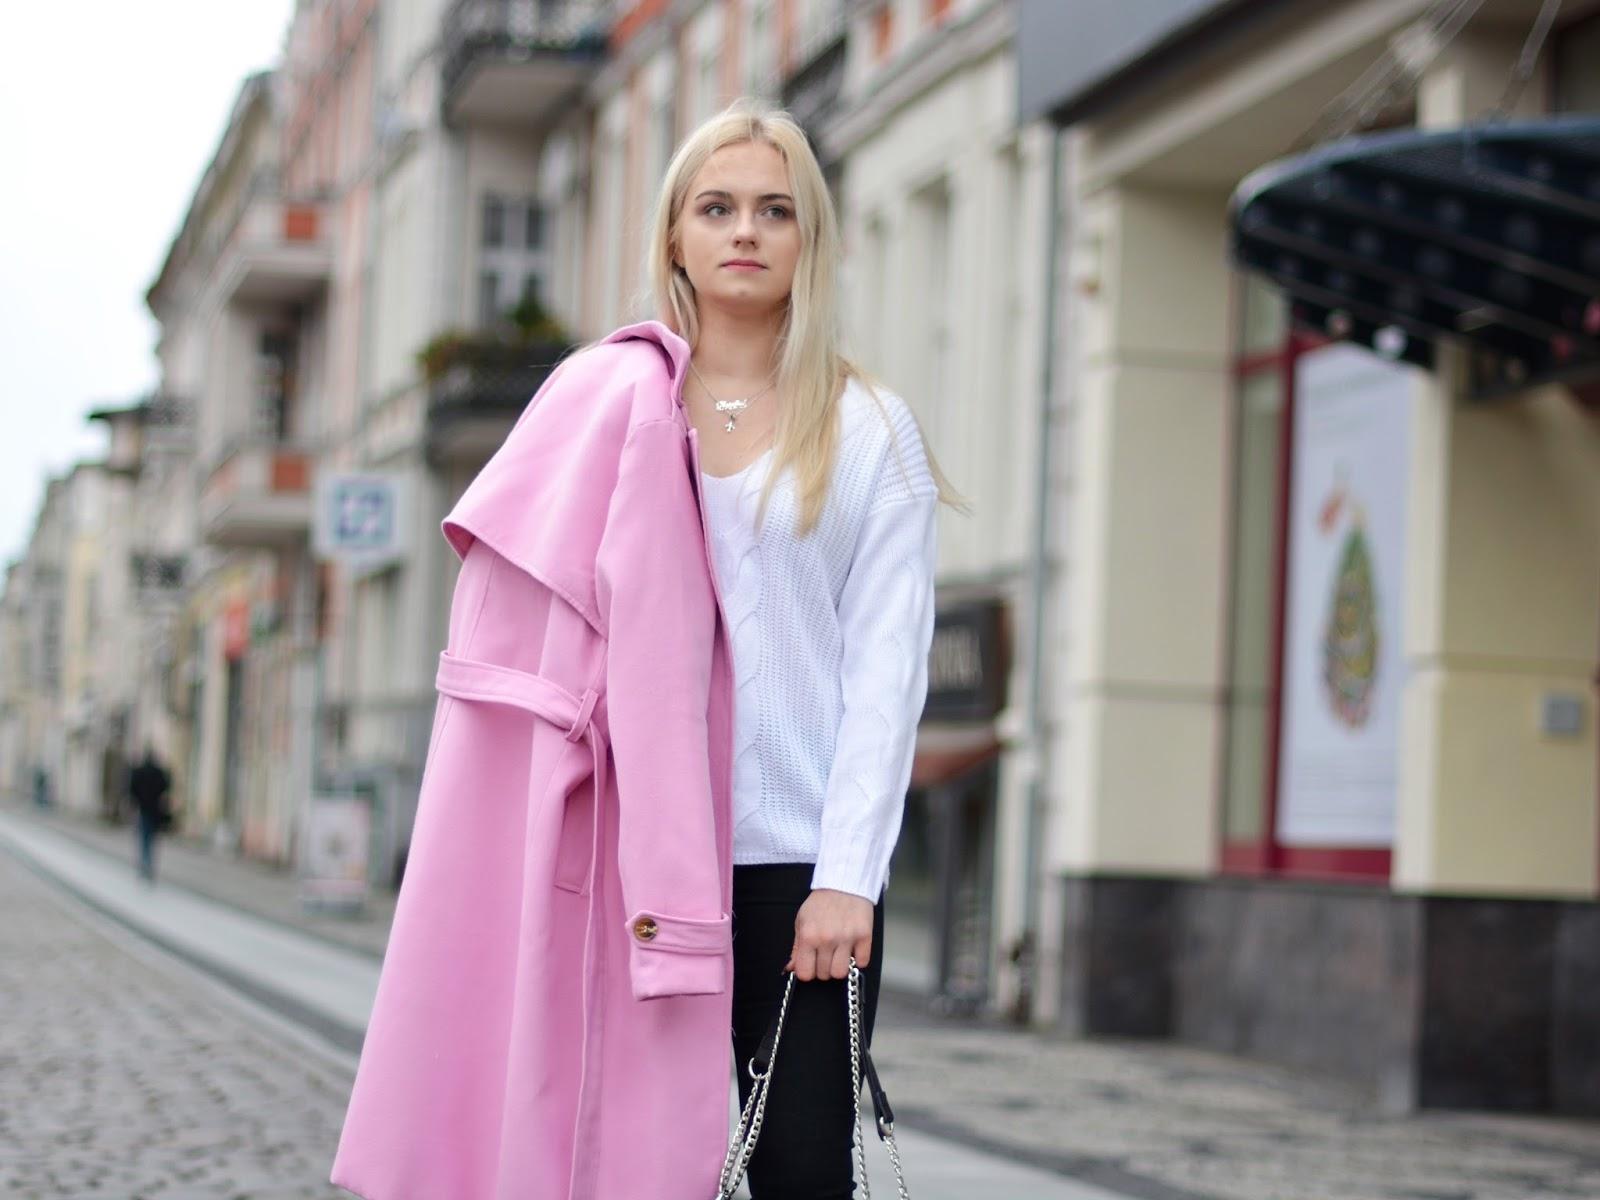 Liliowy płaszcz   hit na rok 2018